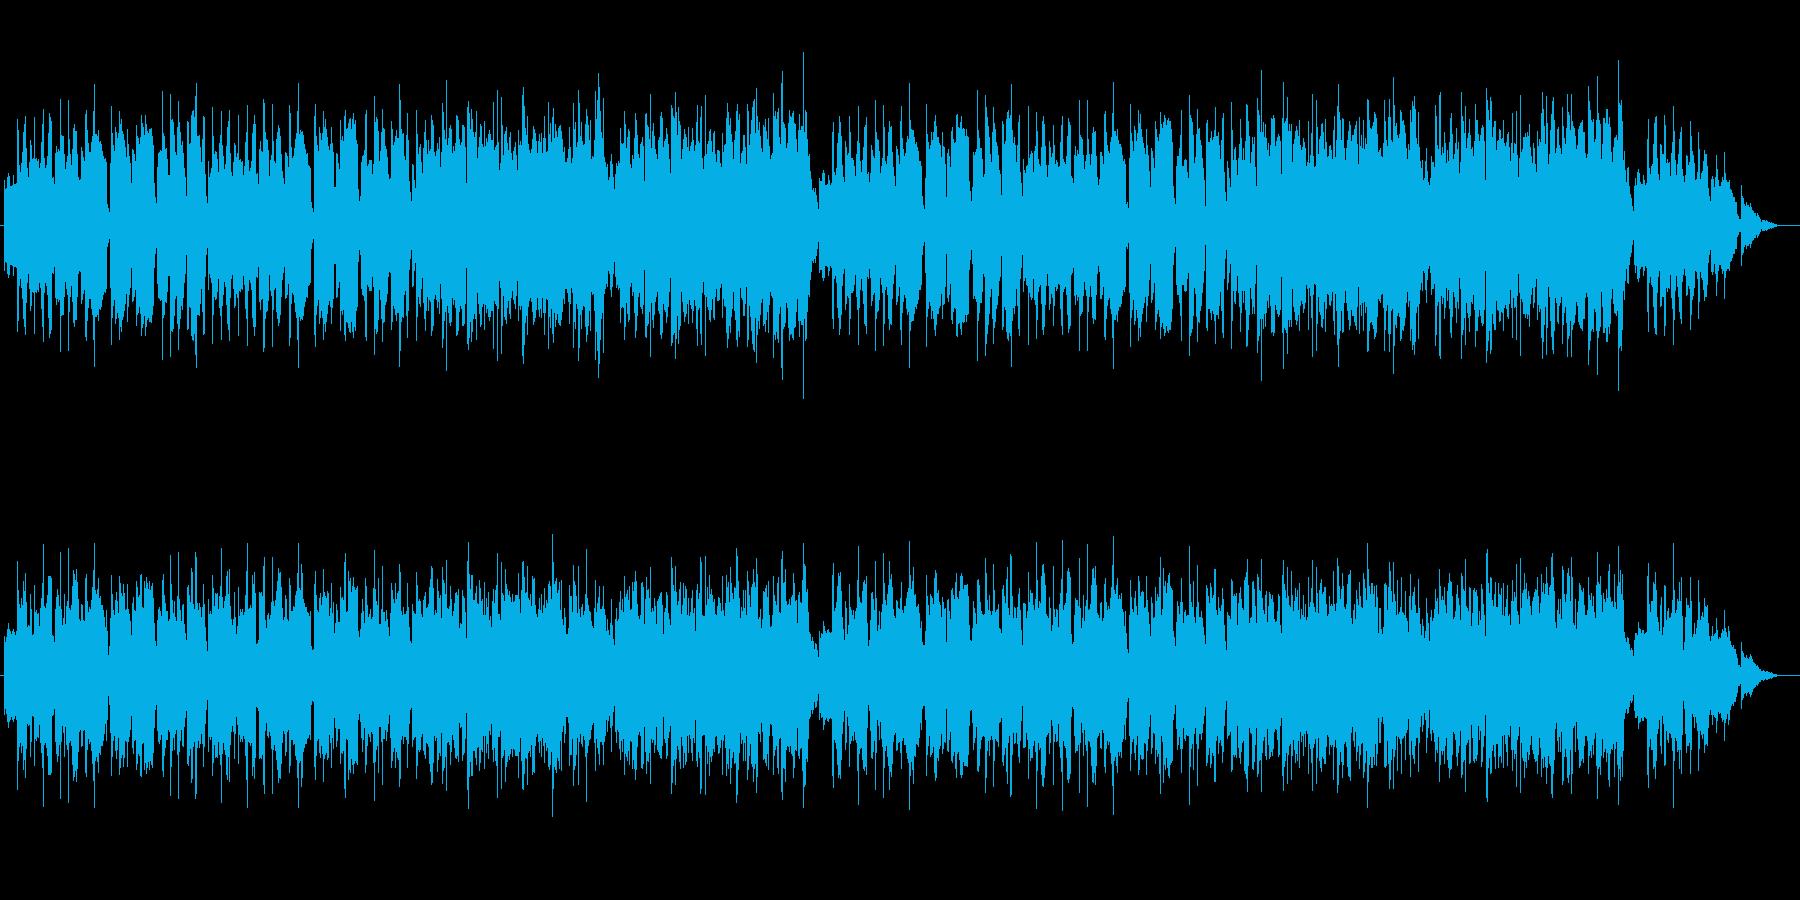 RPGの最初の村 牧歌的な音楽の再生済みの波形